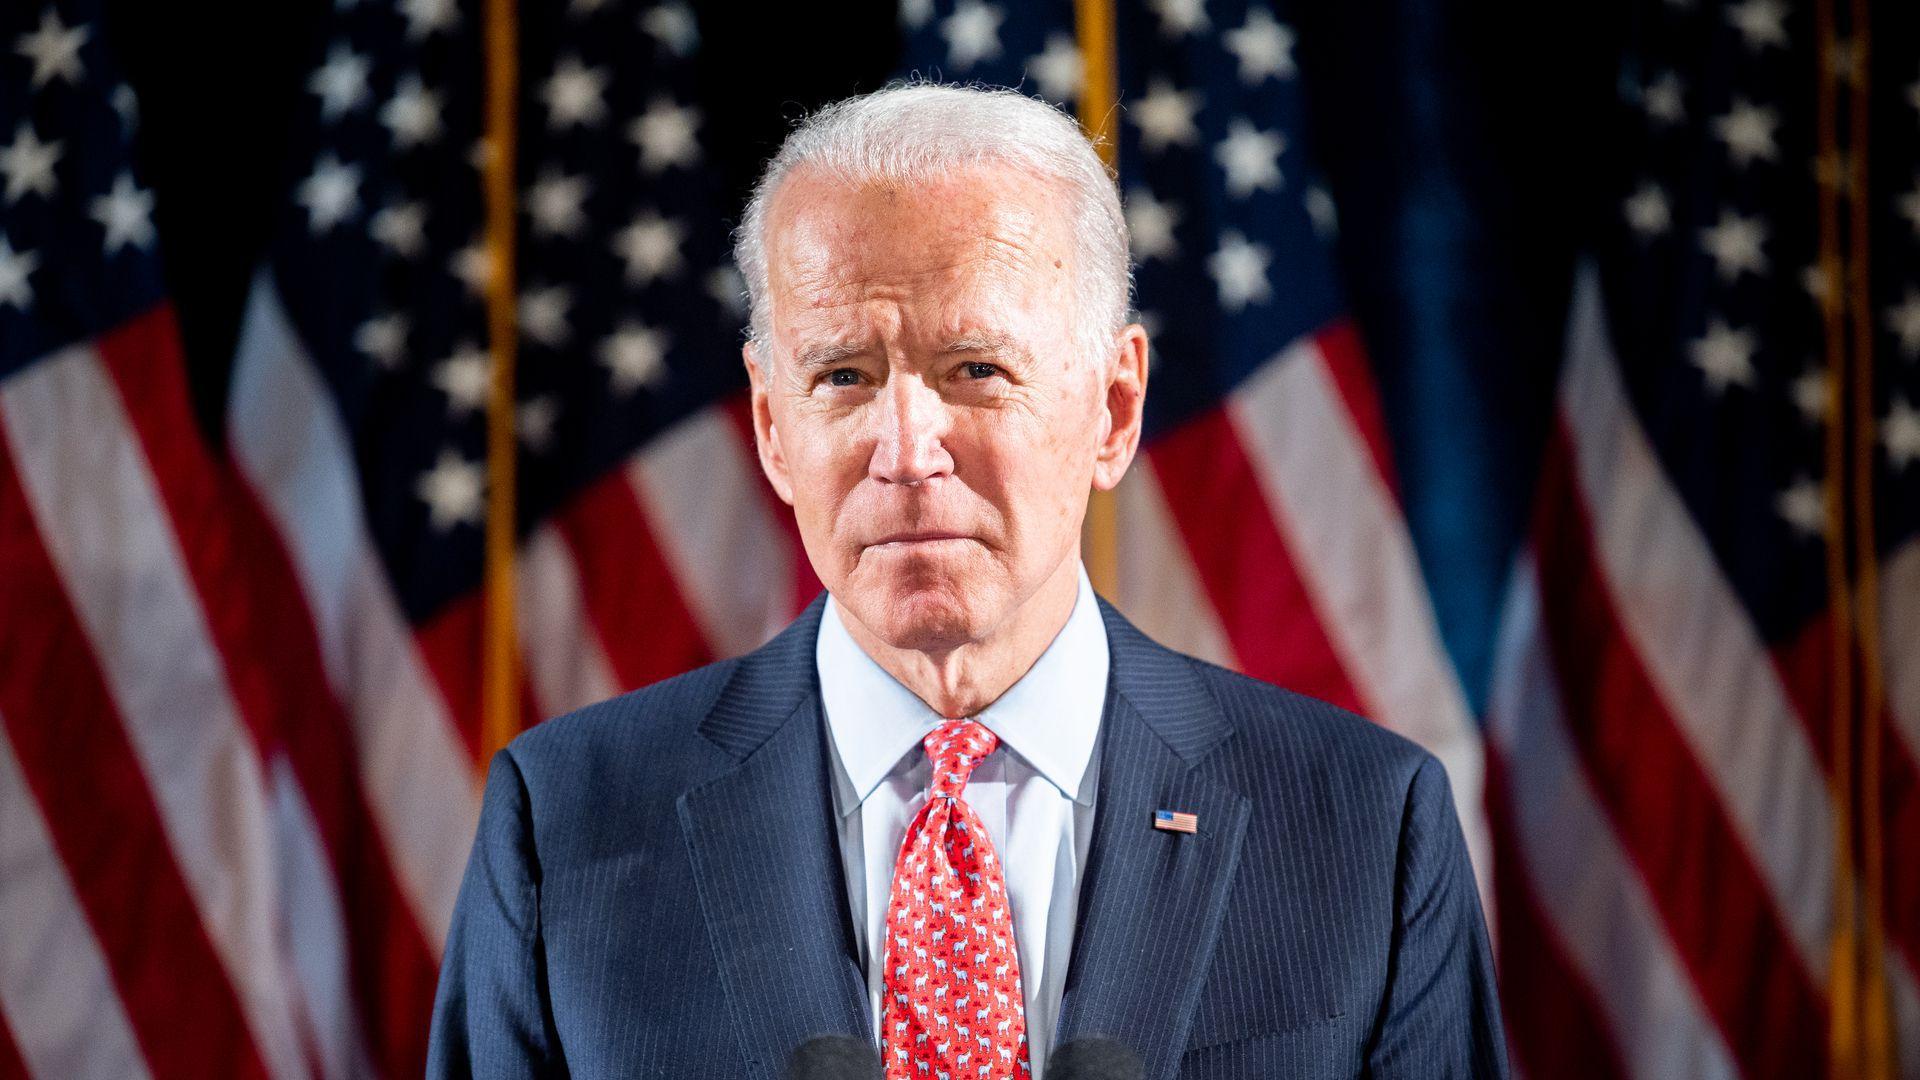 Comment contacter Joe Biden?